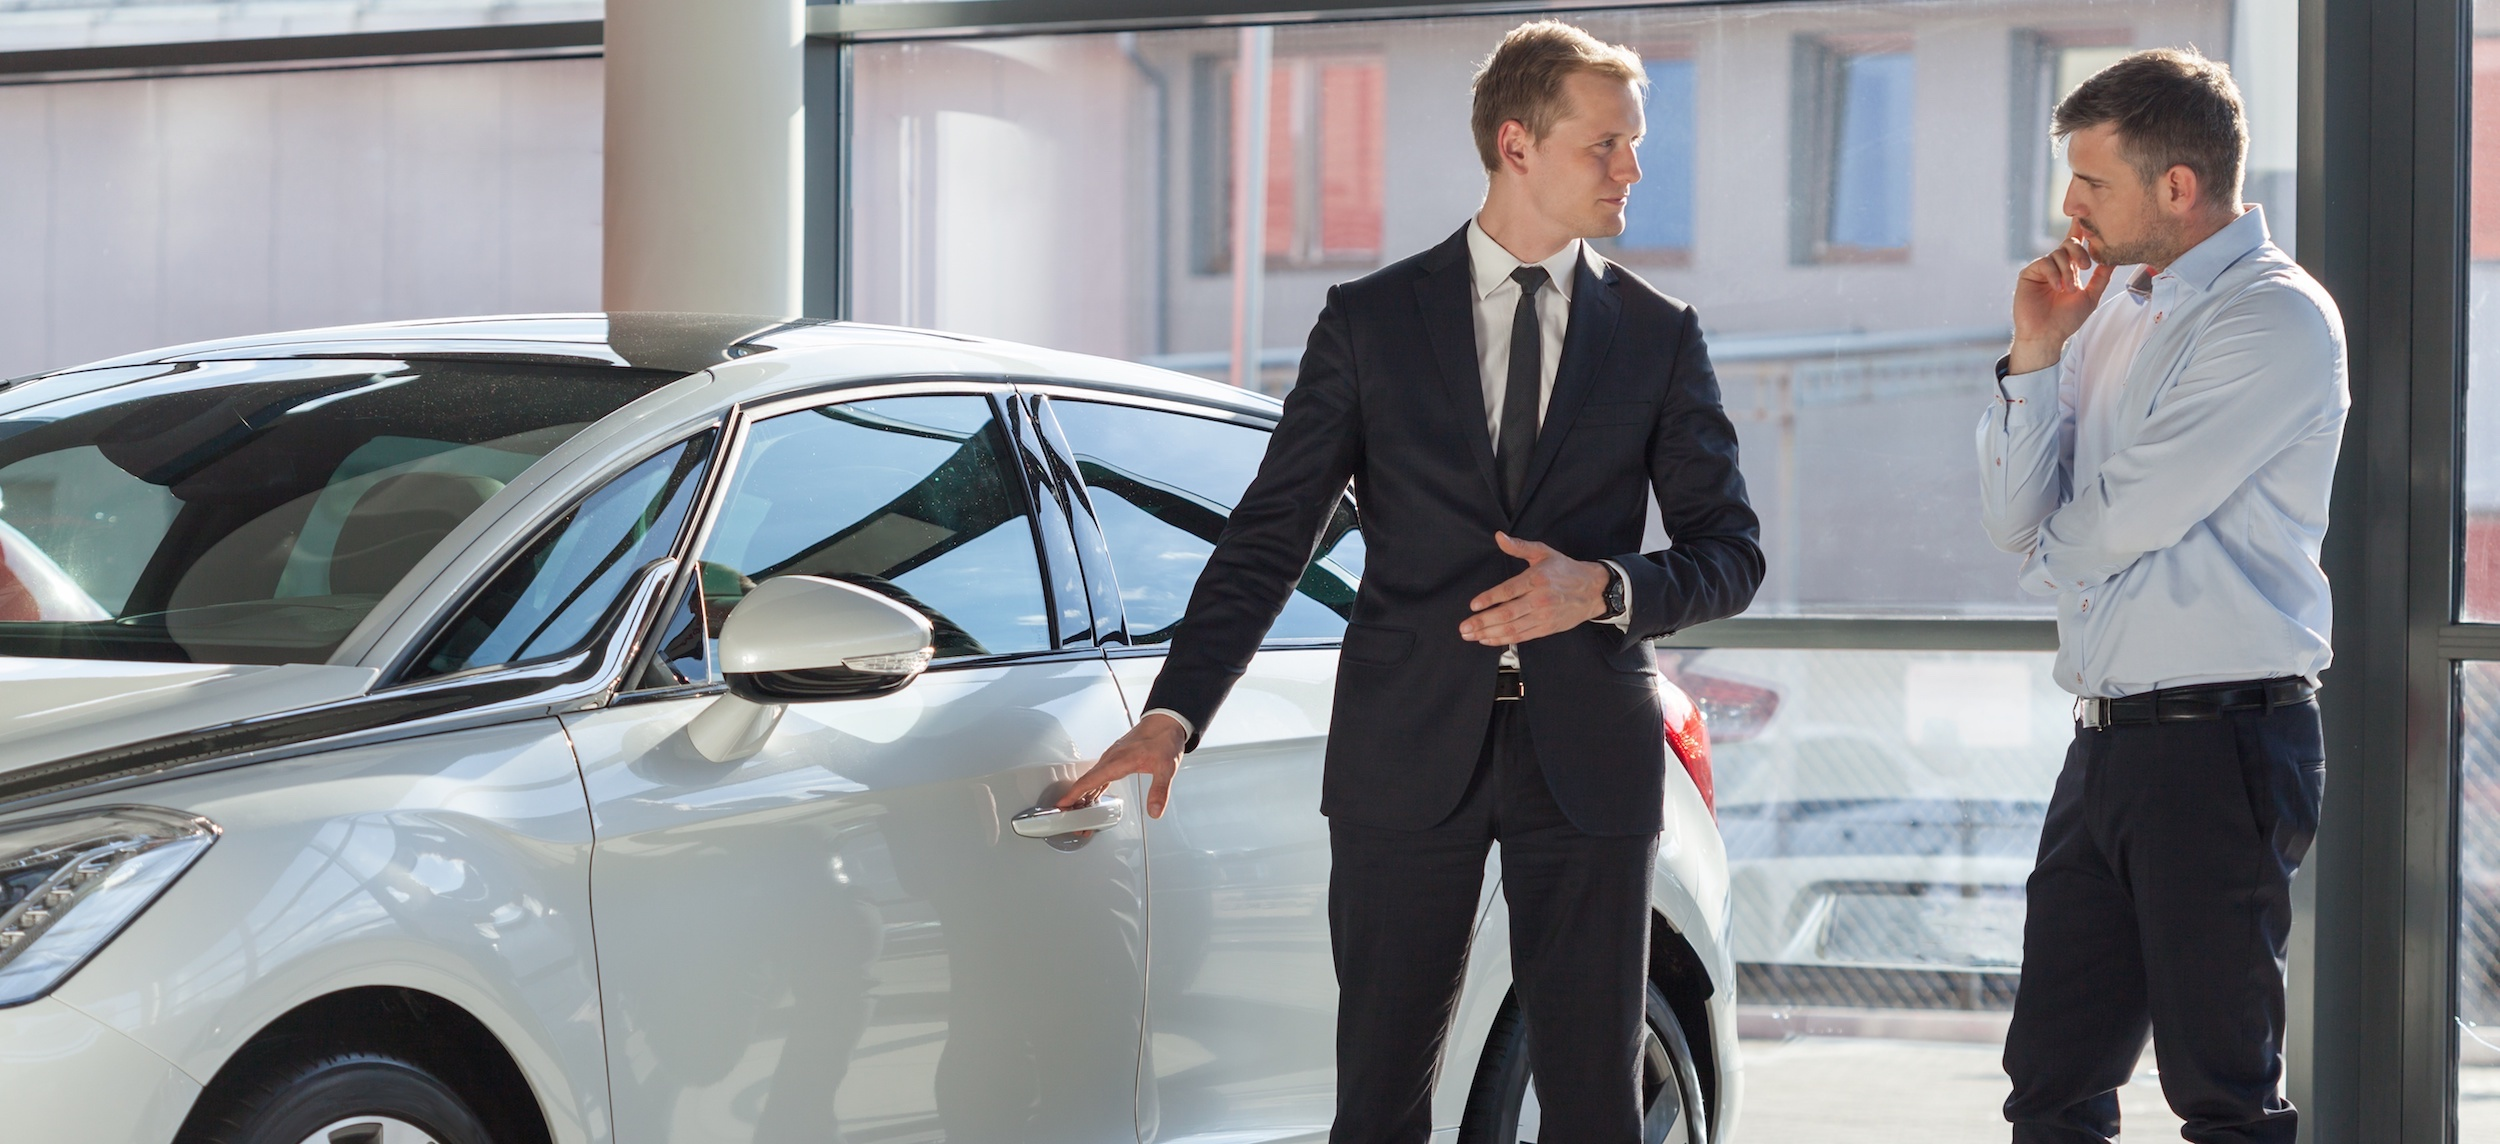 Hasil gambar untuk Time Car Shoppers